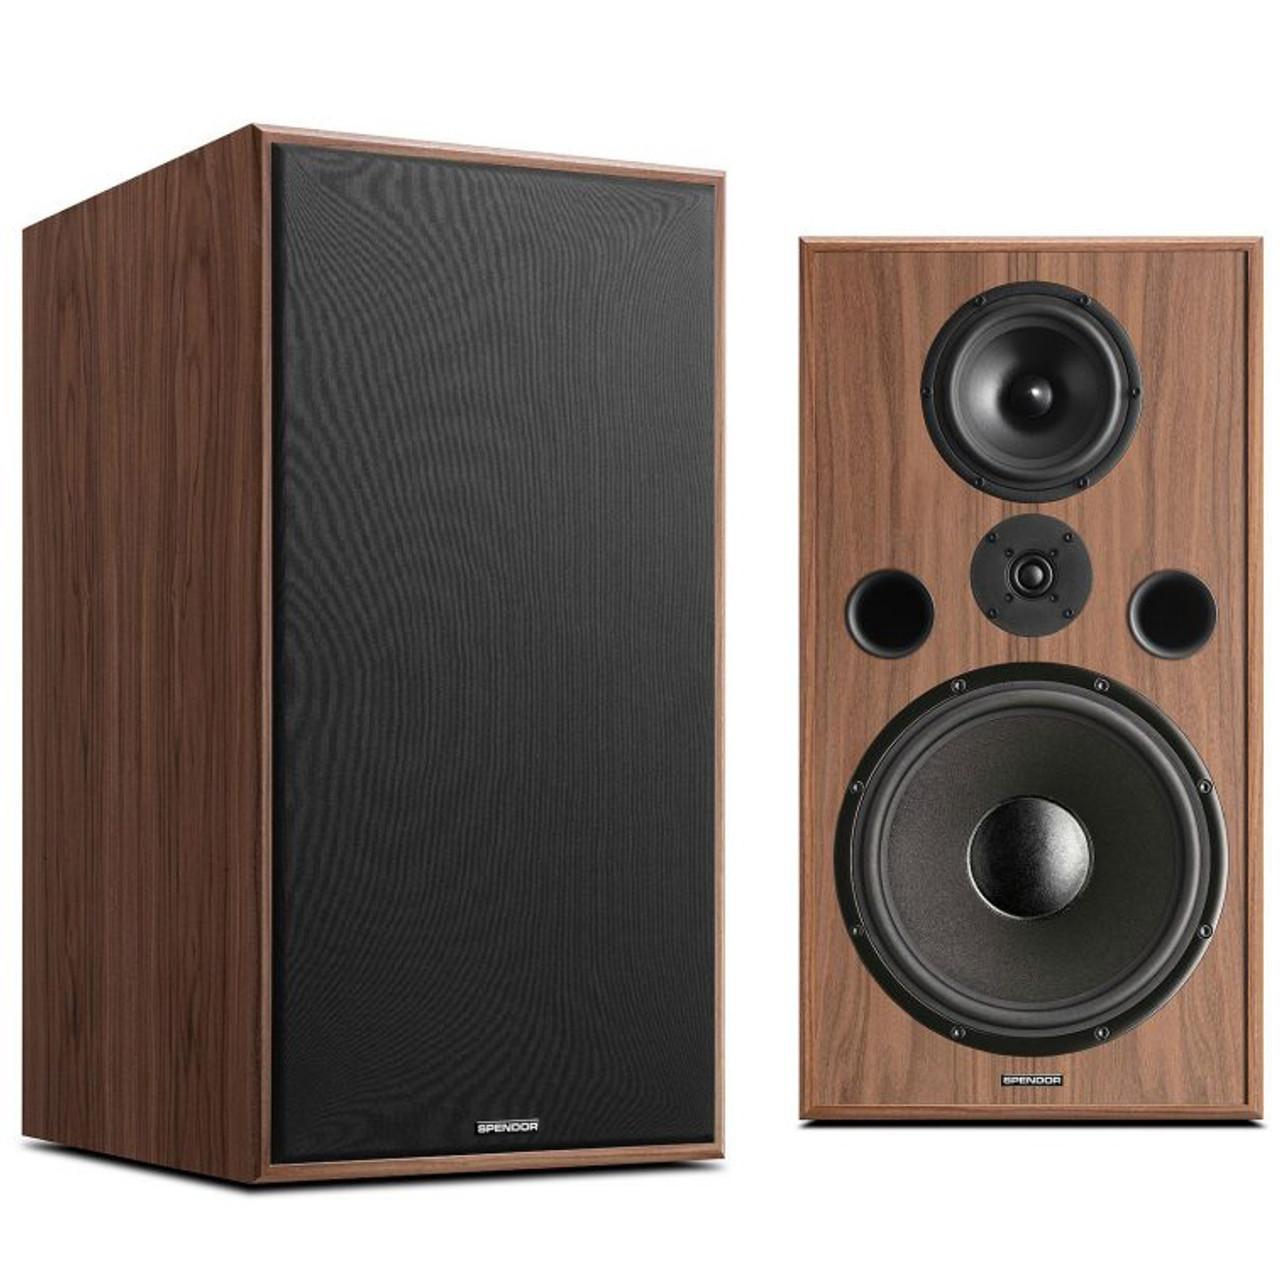 Spendor Classic 100 speakers